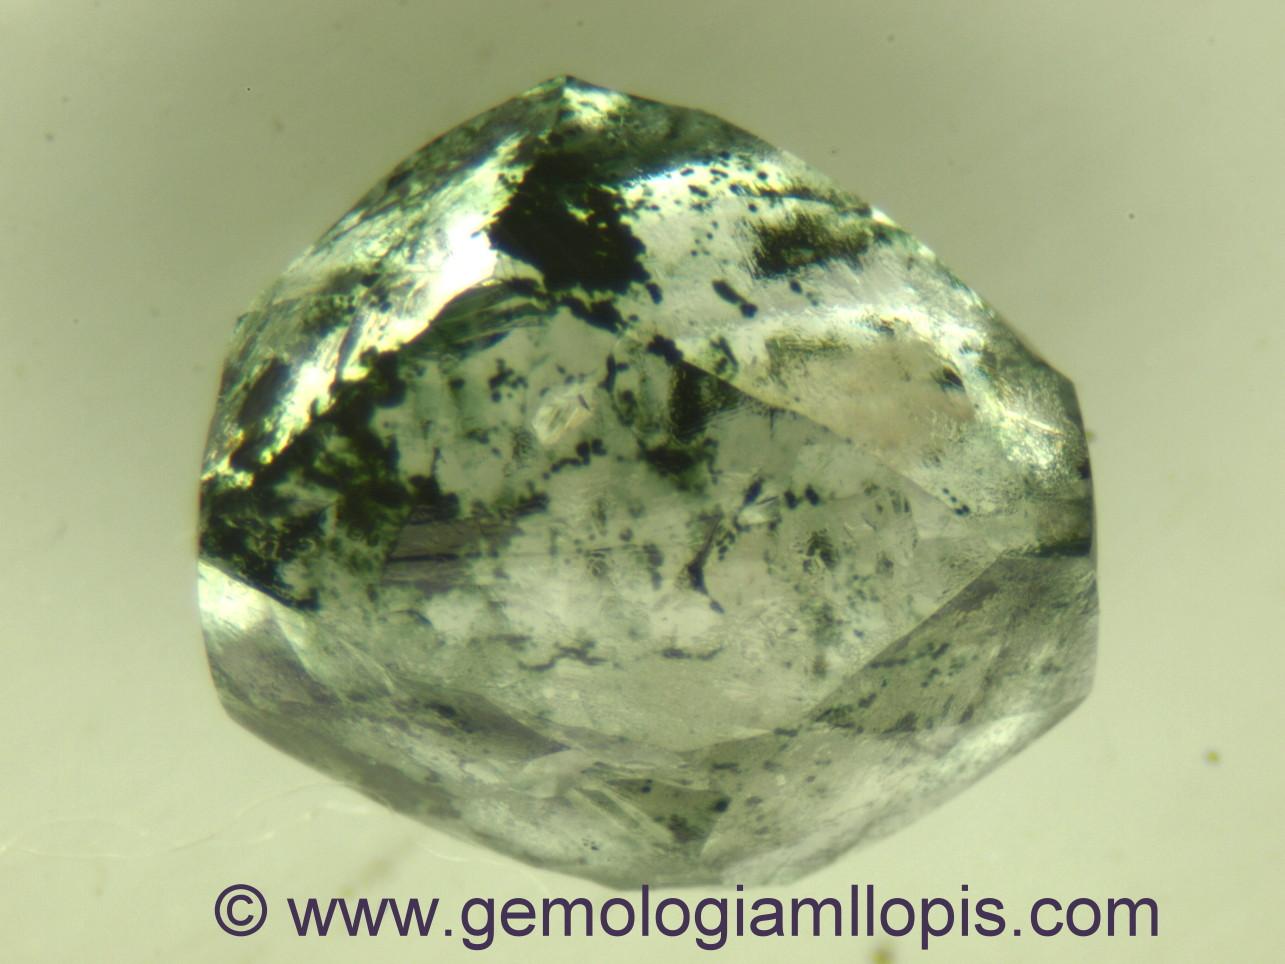 Diamante en bruto tratado por irradiación | Gemología MLLOPIS